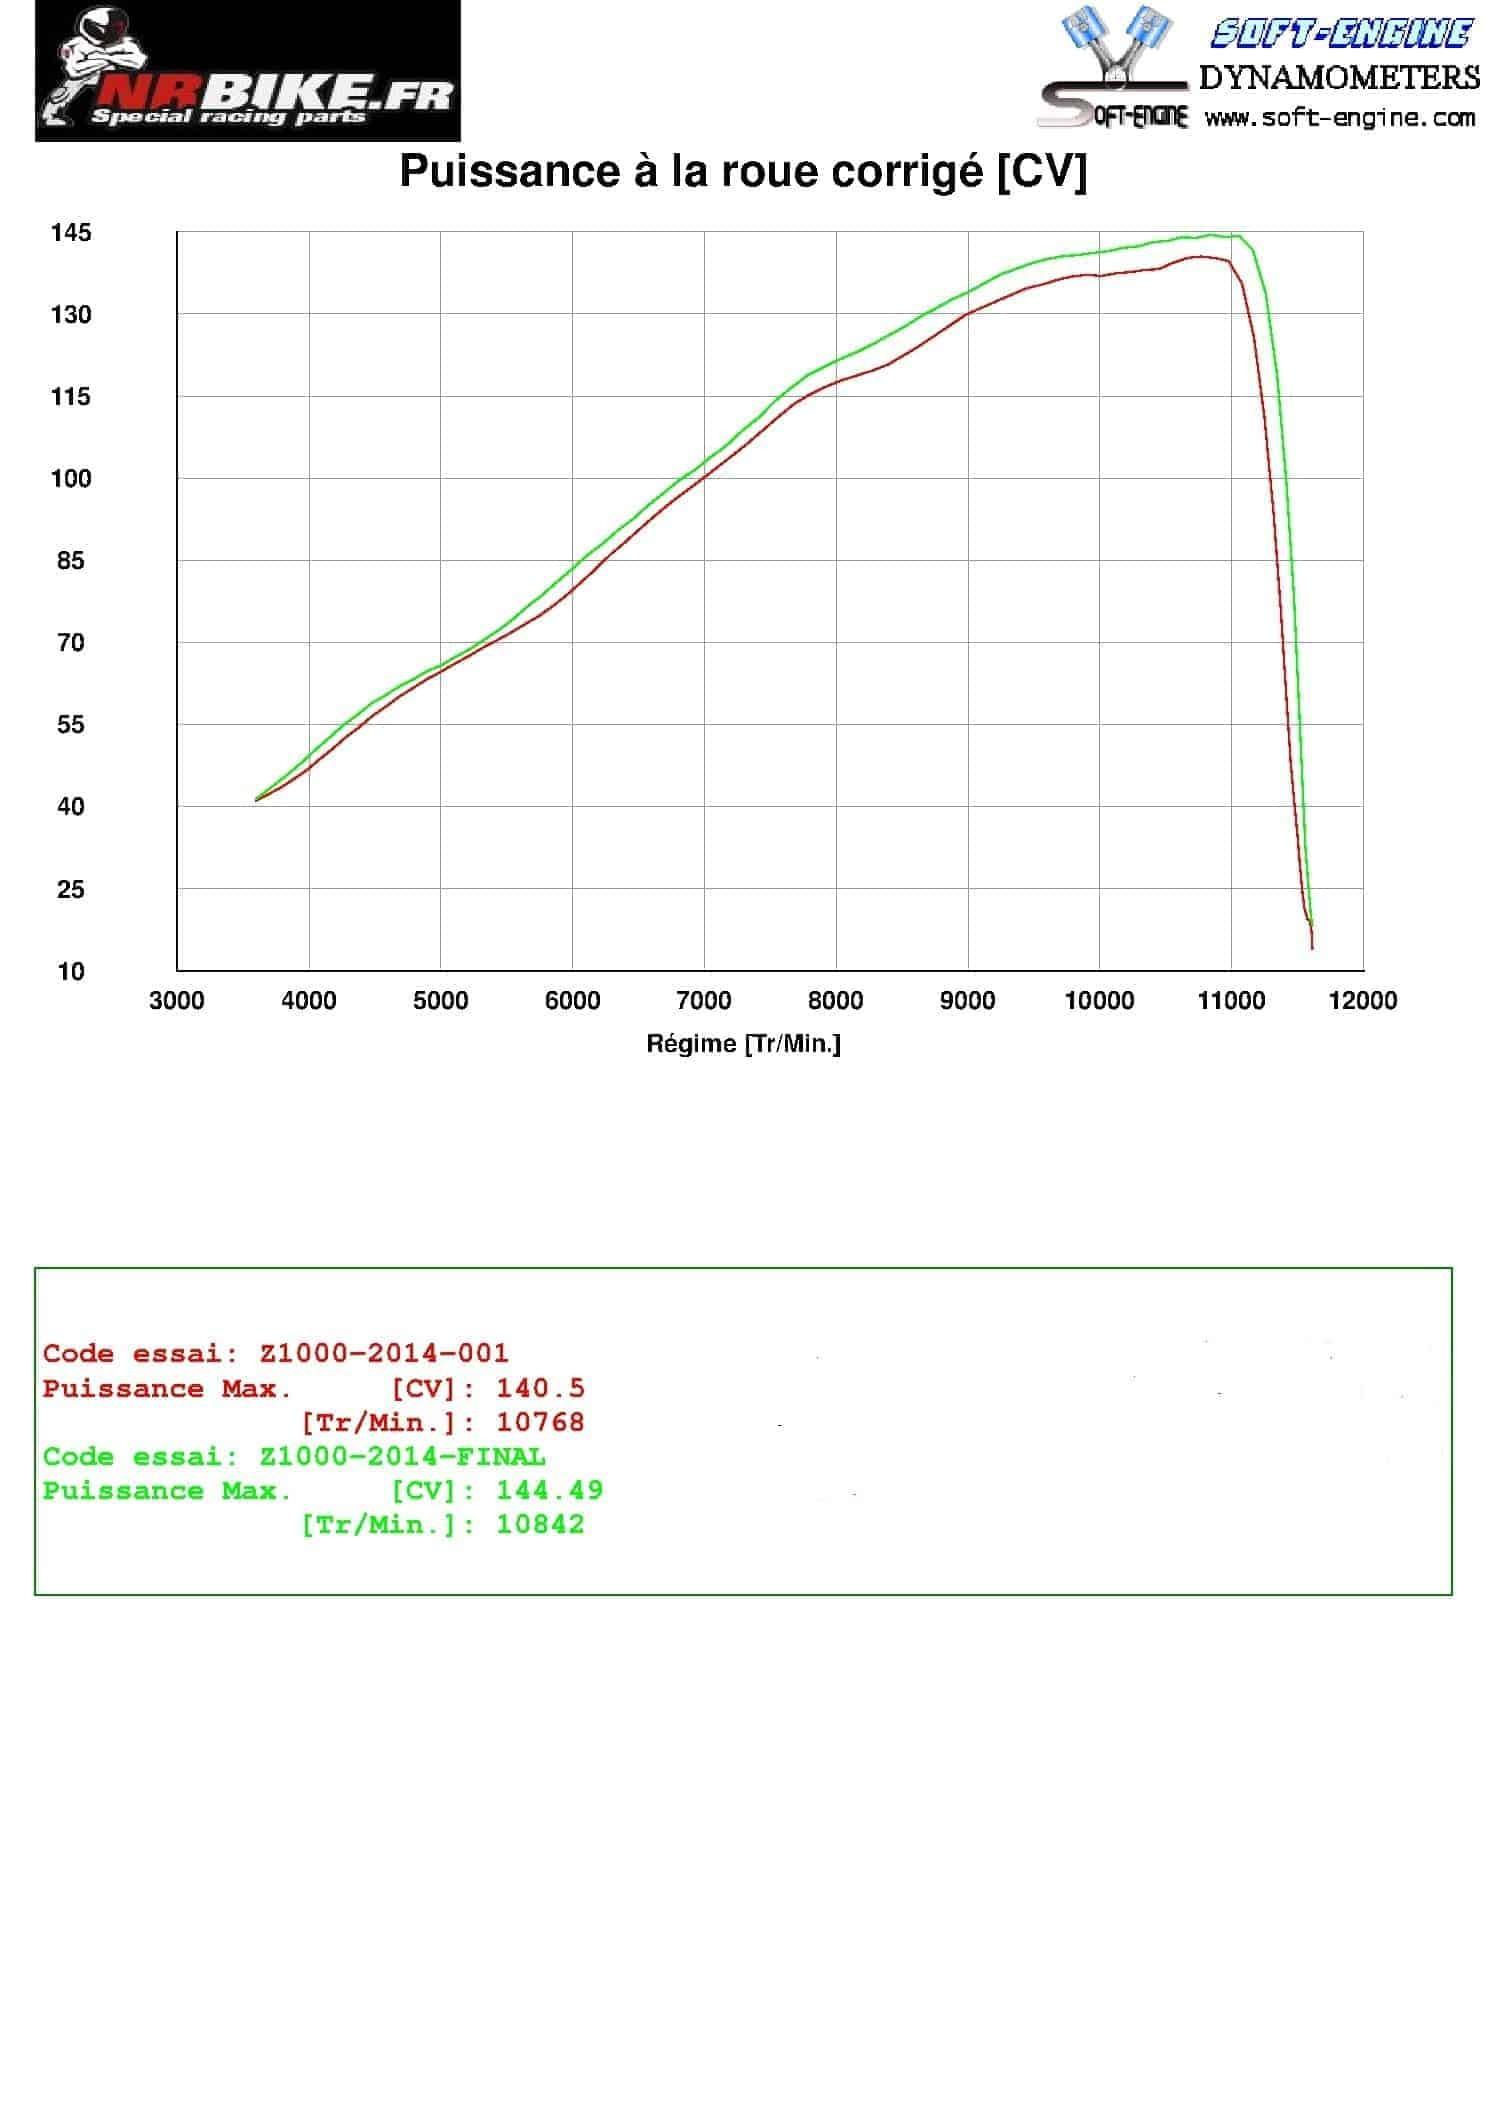 PUISSANCE A LA ROUE ARRIÈRE AVEC LIGNE COMPLÈTE (MOTEUR + 12.5%)